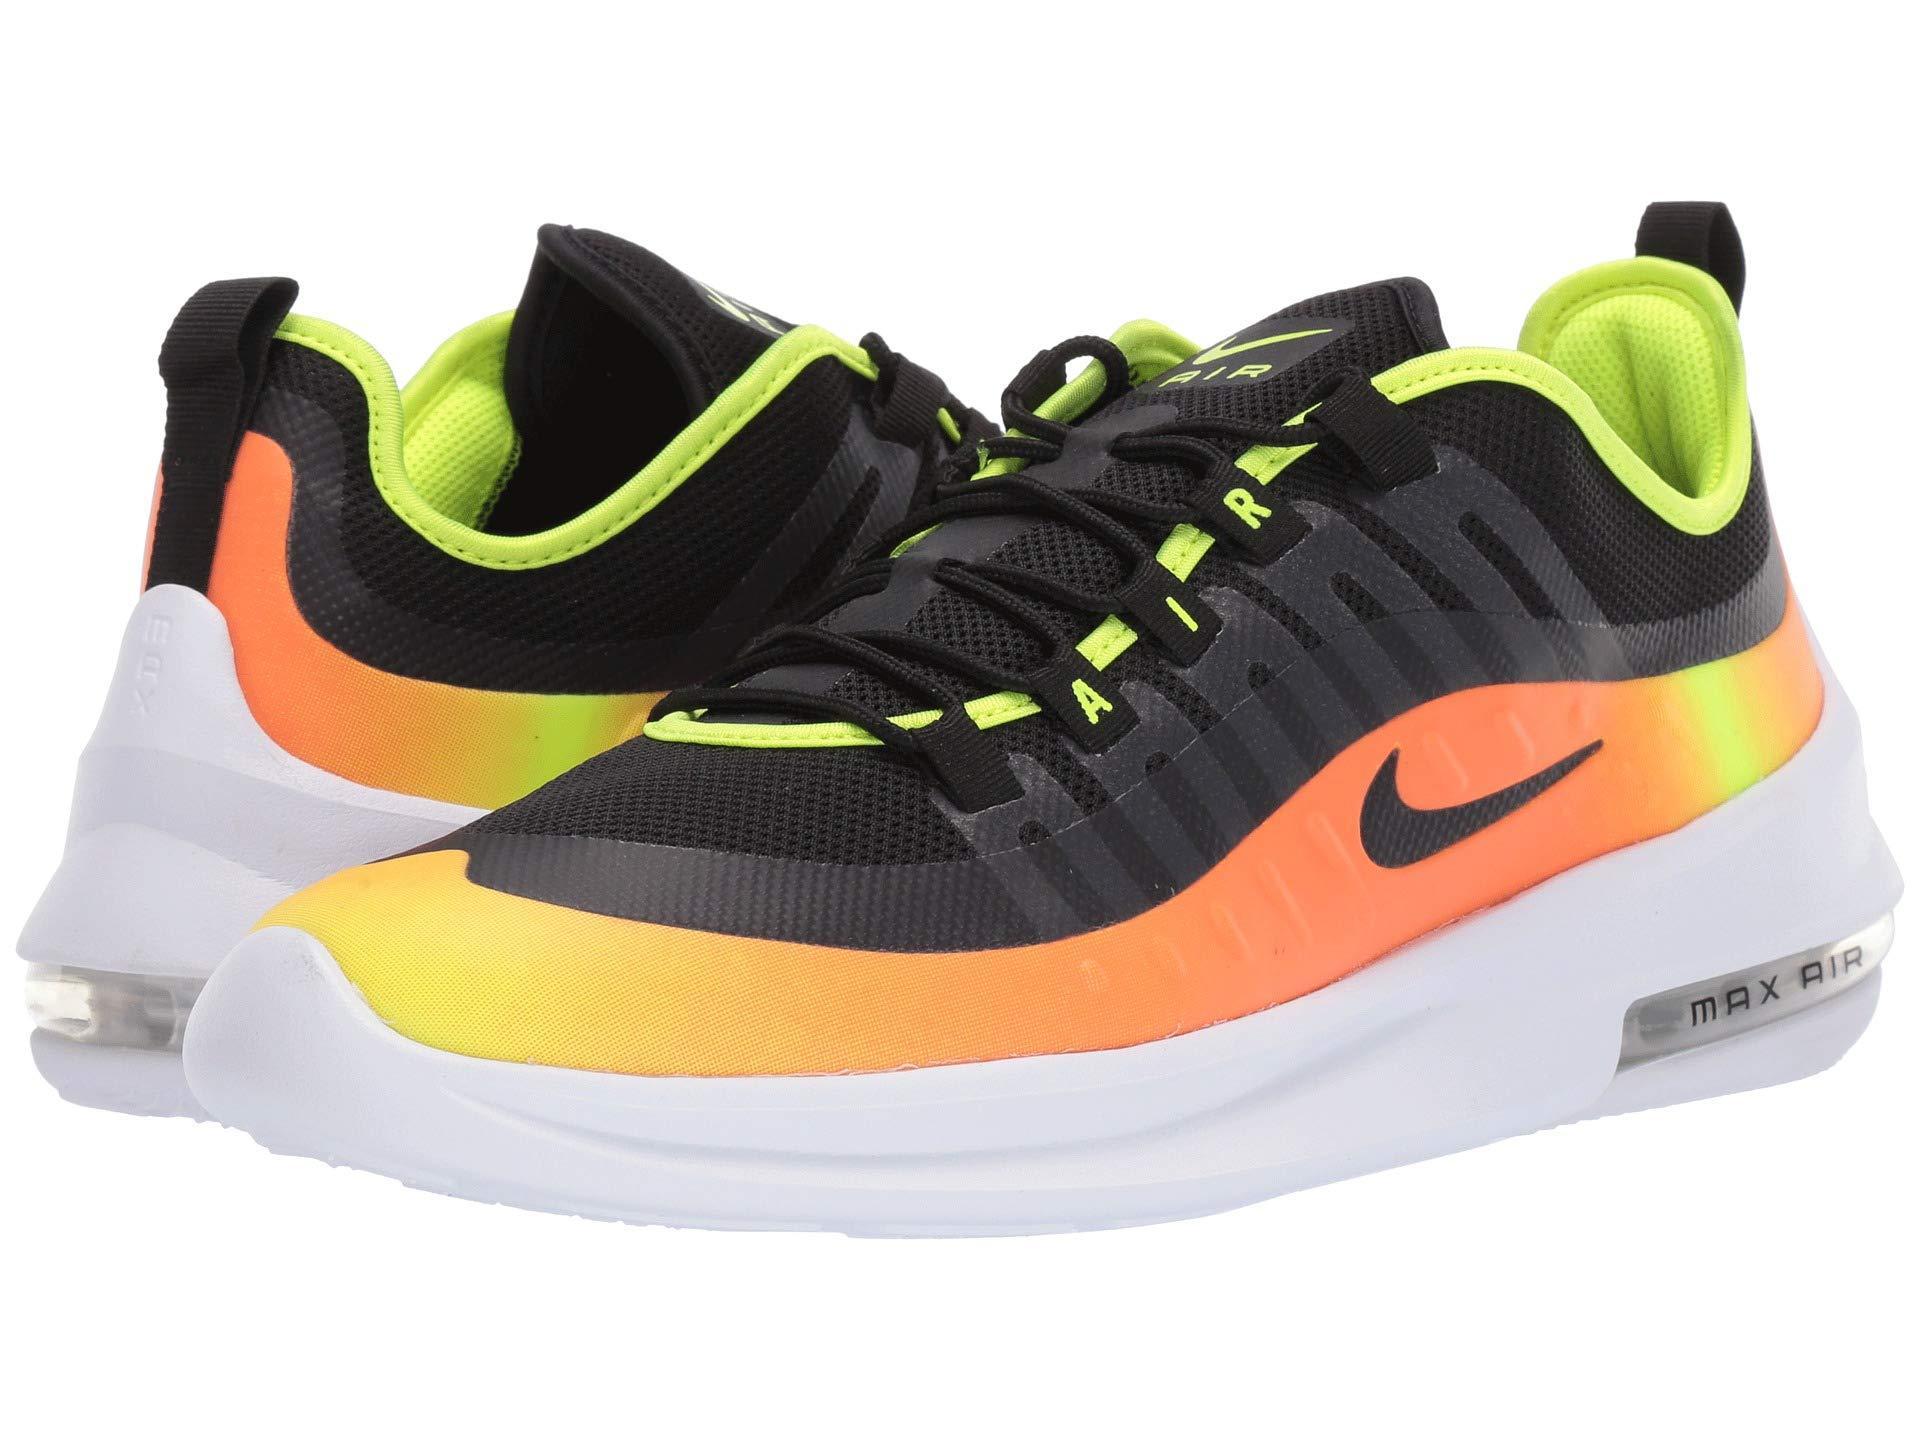 huge discount 824b4 01b84 Nike - Air Max Axis Premium (black black volt total Orange). View fullscreen